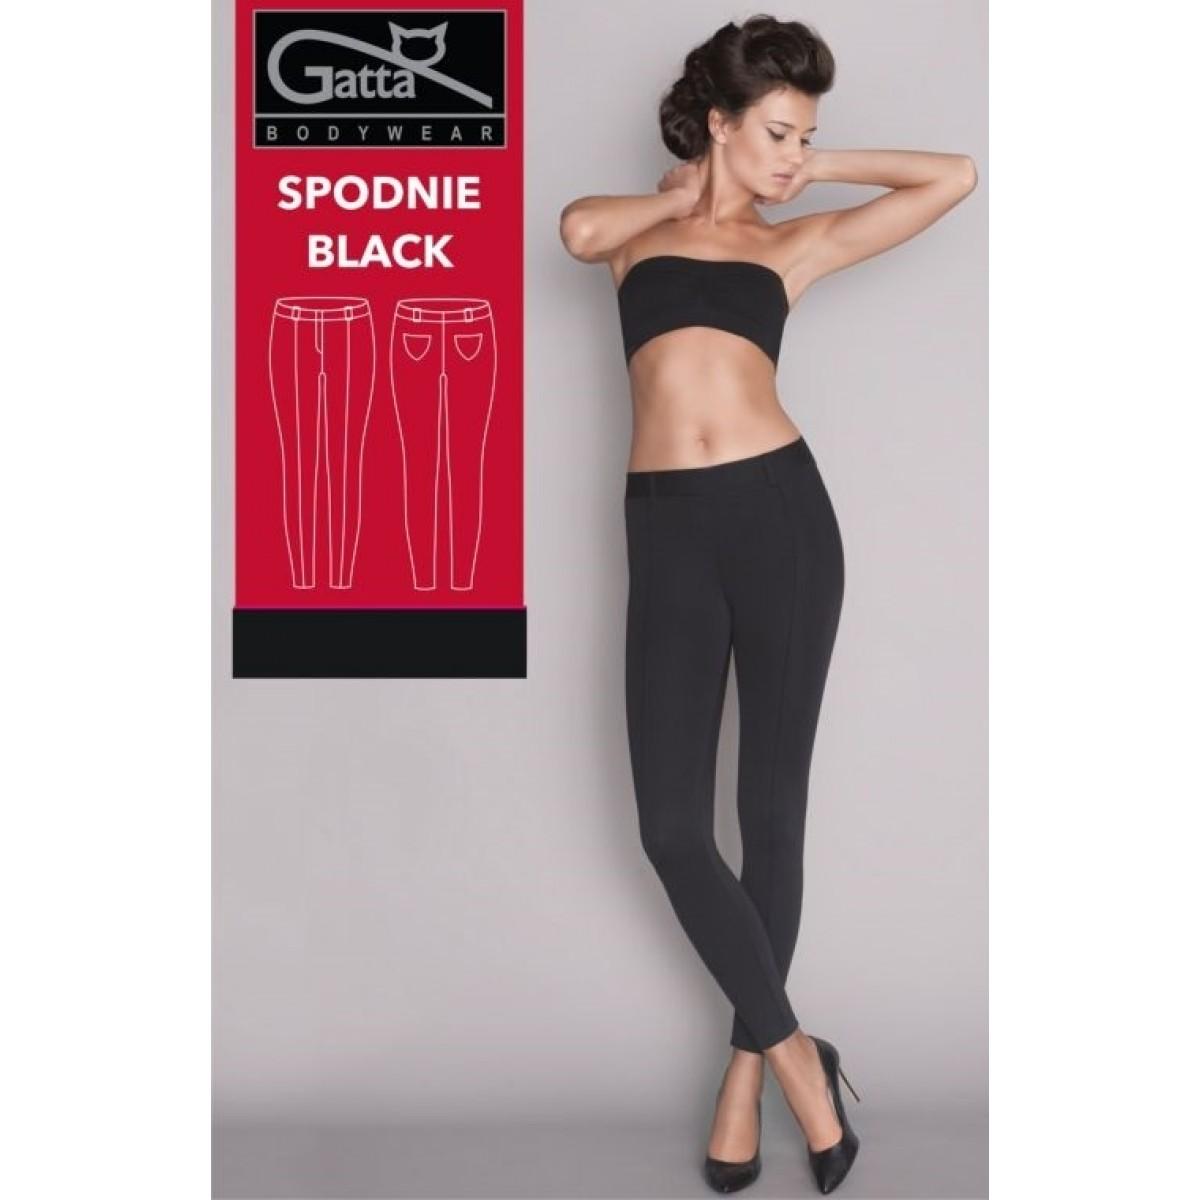 f1467ff516 Spodnie damskie Black Gatta